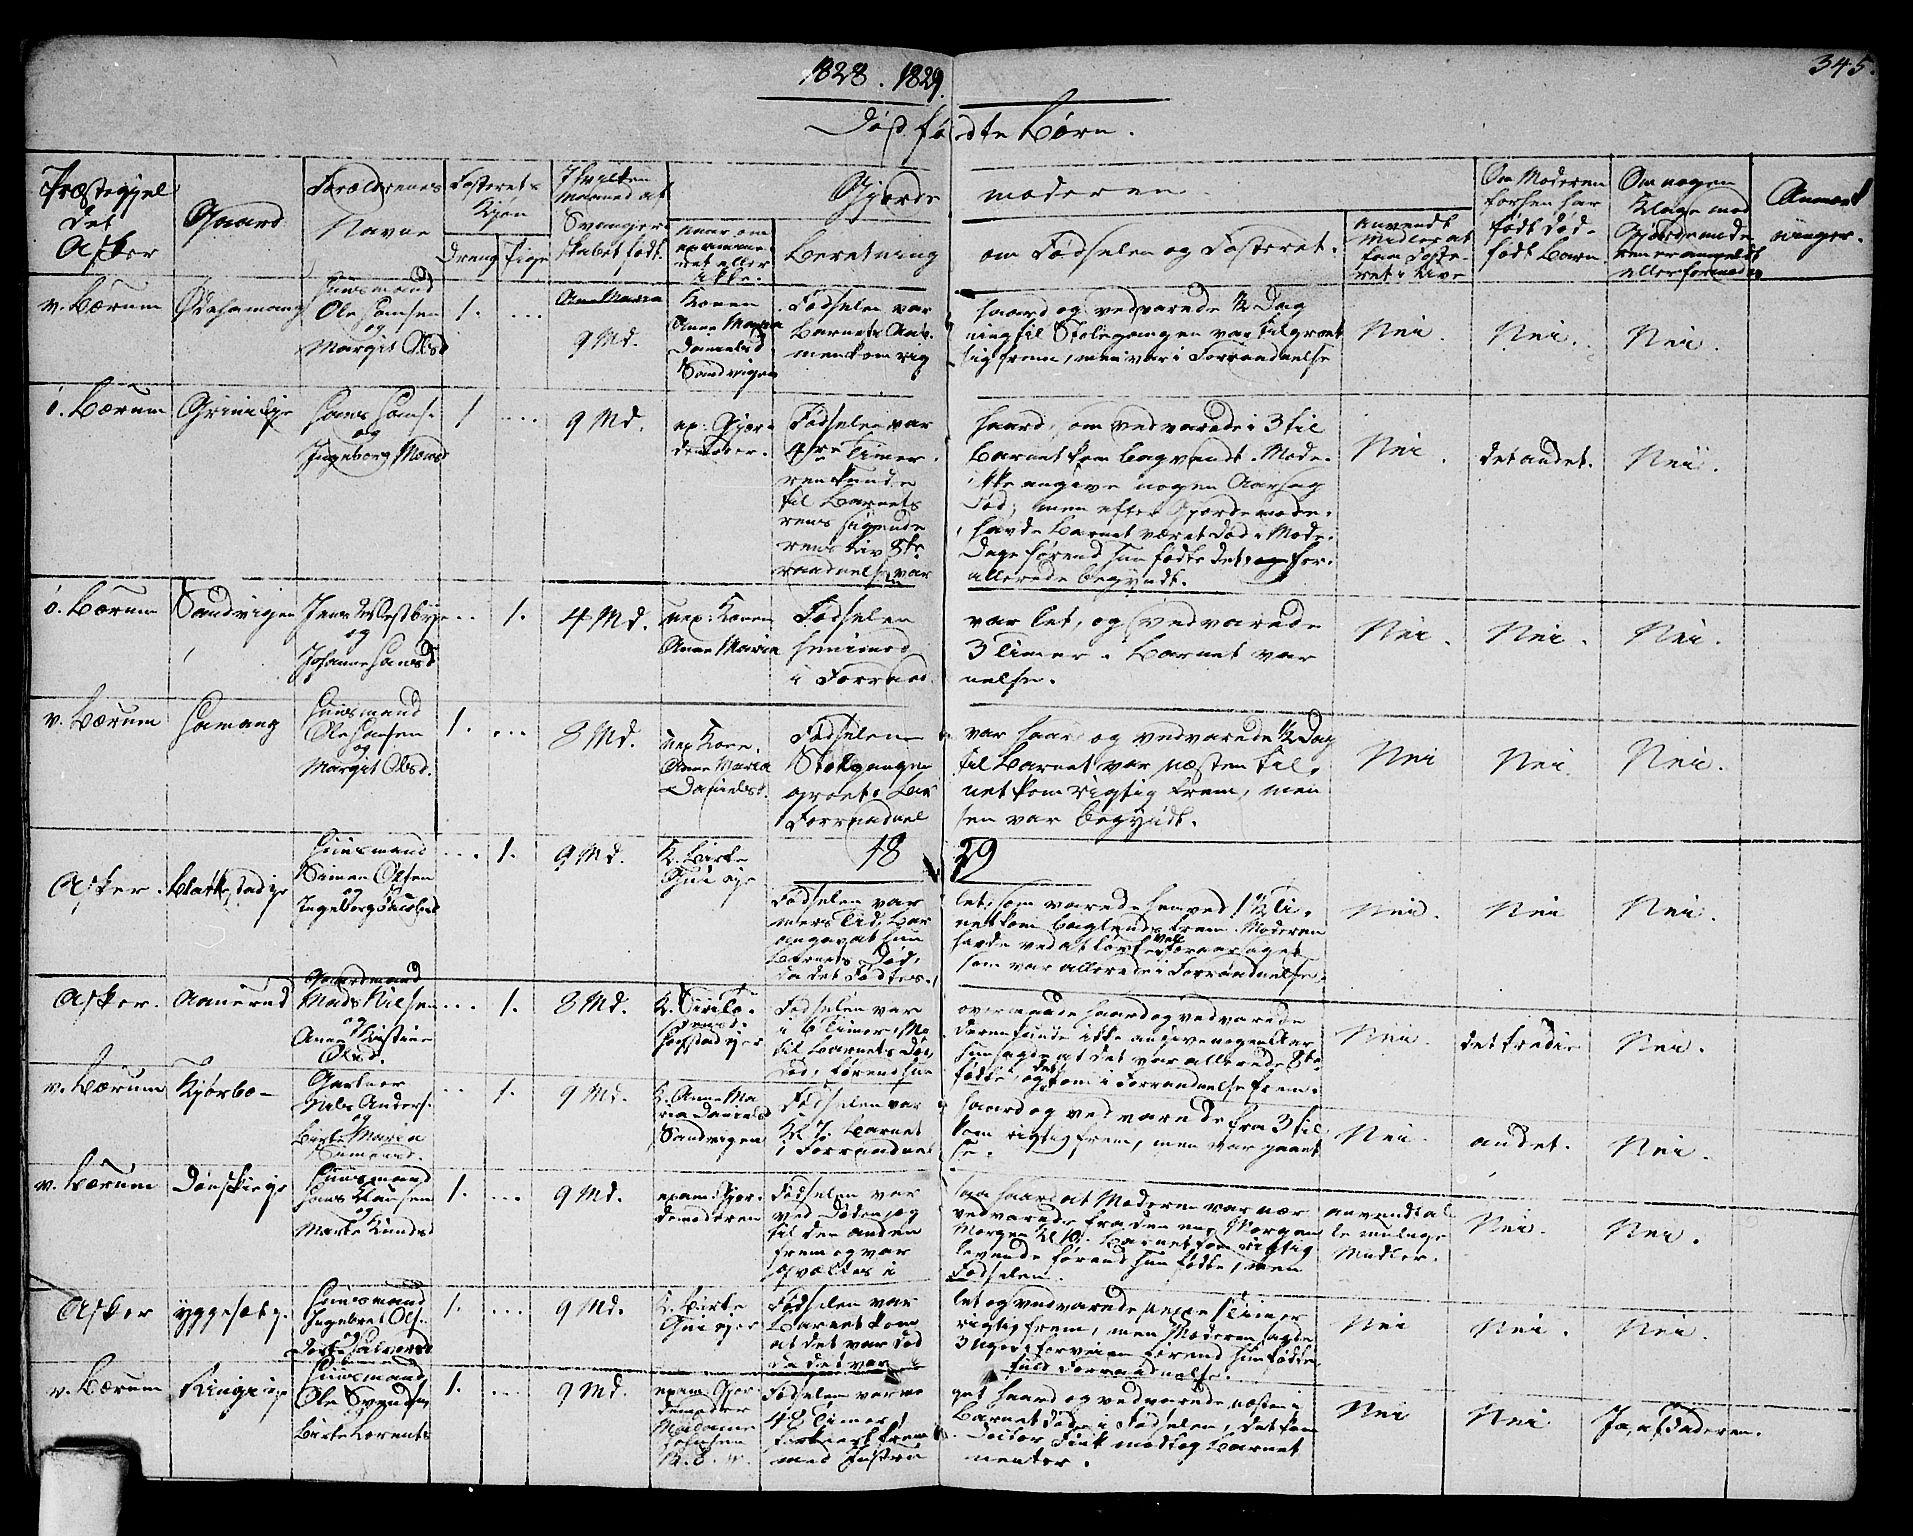 SAO, Asker prestekontor Kirkebøker, F/Fa/L0005: Ministerialbok nr. I 5, 1807-1813, s. 345